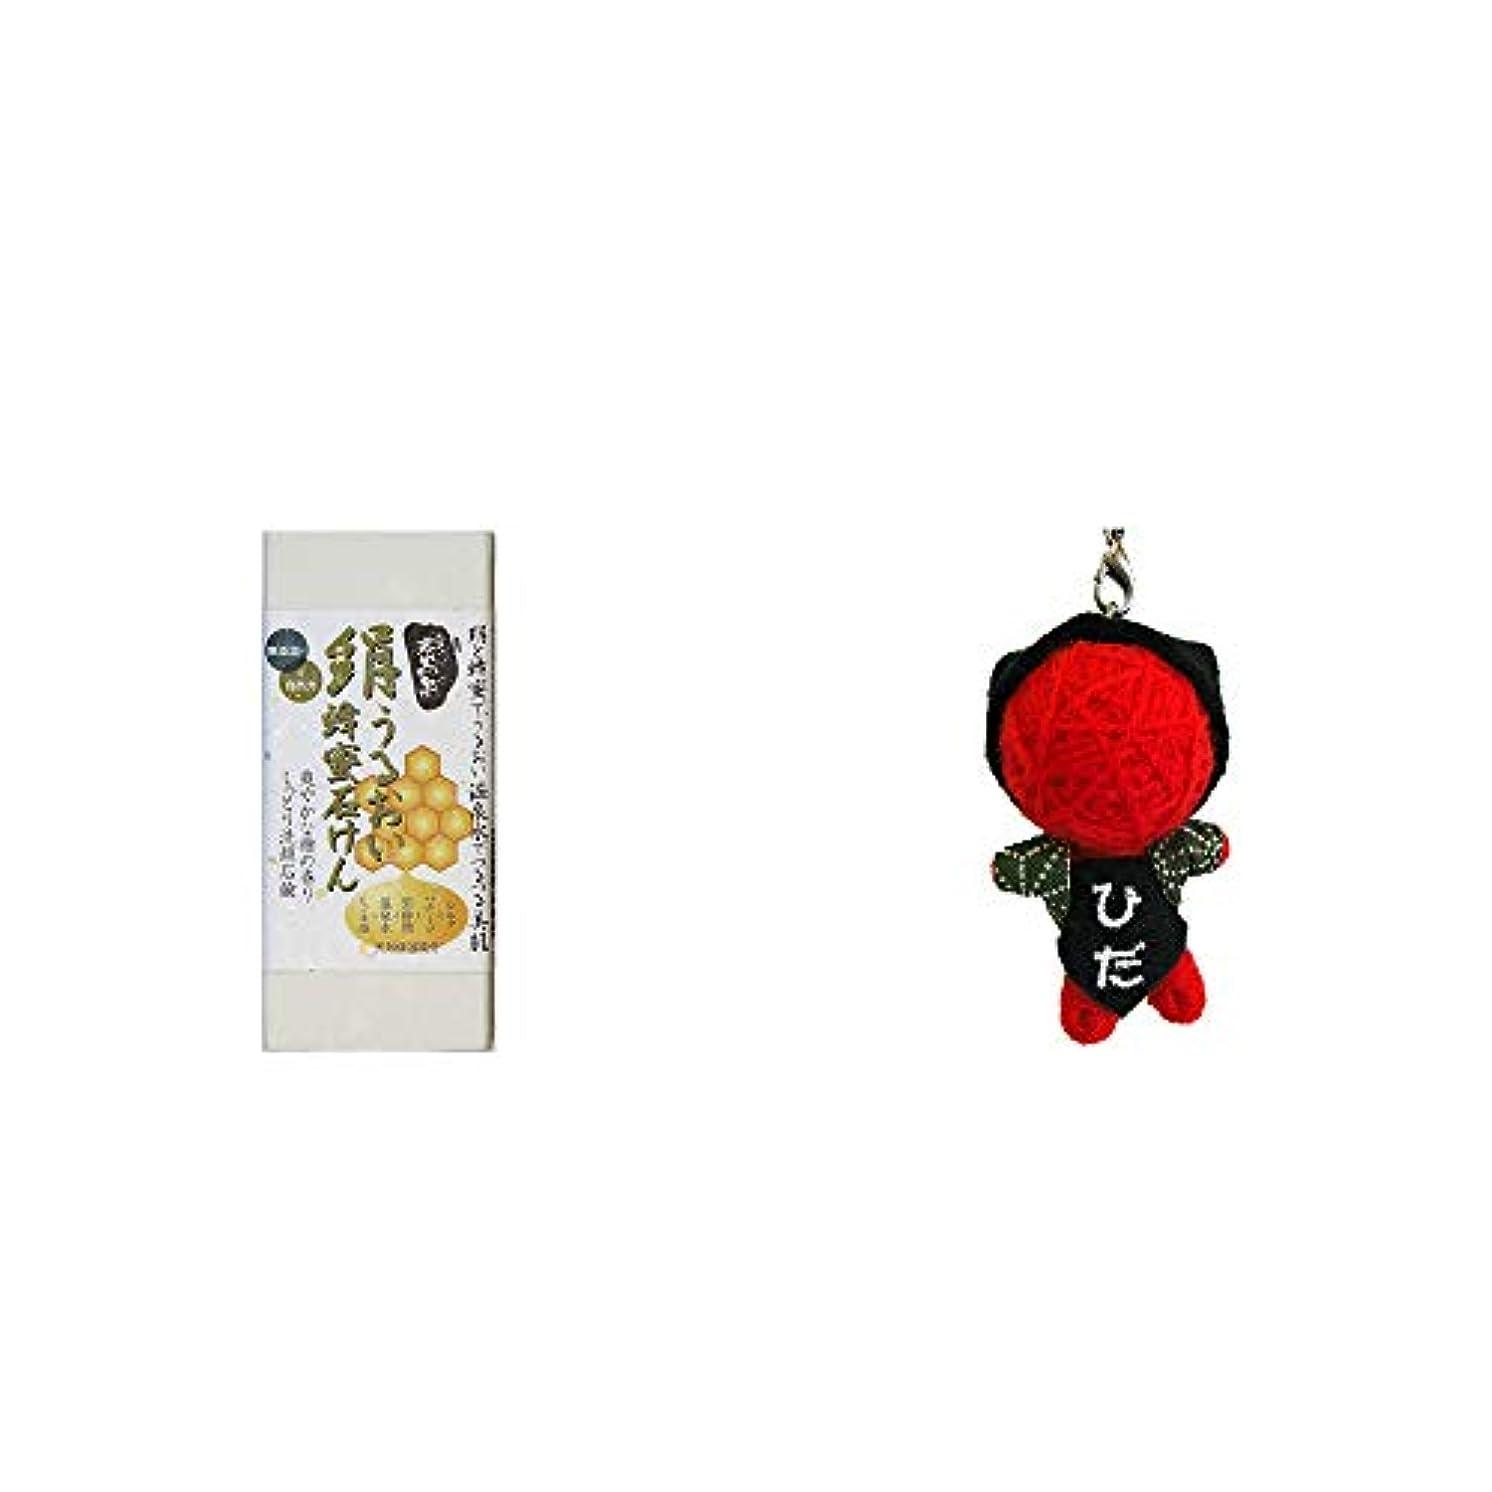 コードレス偉業不測の事態[2点セット] ひのき炭黒泉 絹うるおい蜂蜜石けん(75g×2)?ハッピー さるぼぼドール ブドゥドール(ストラップ) / 魔除け?身代わり人形 //